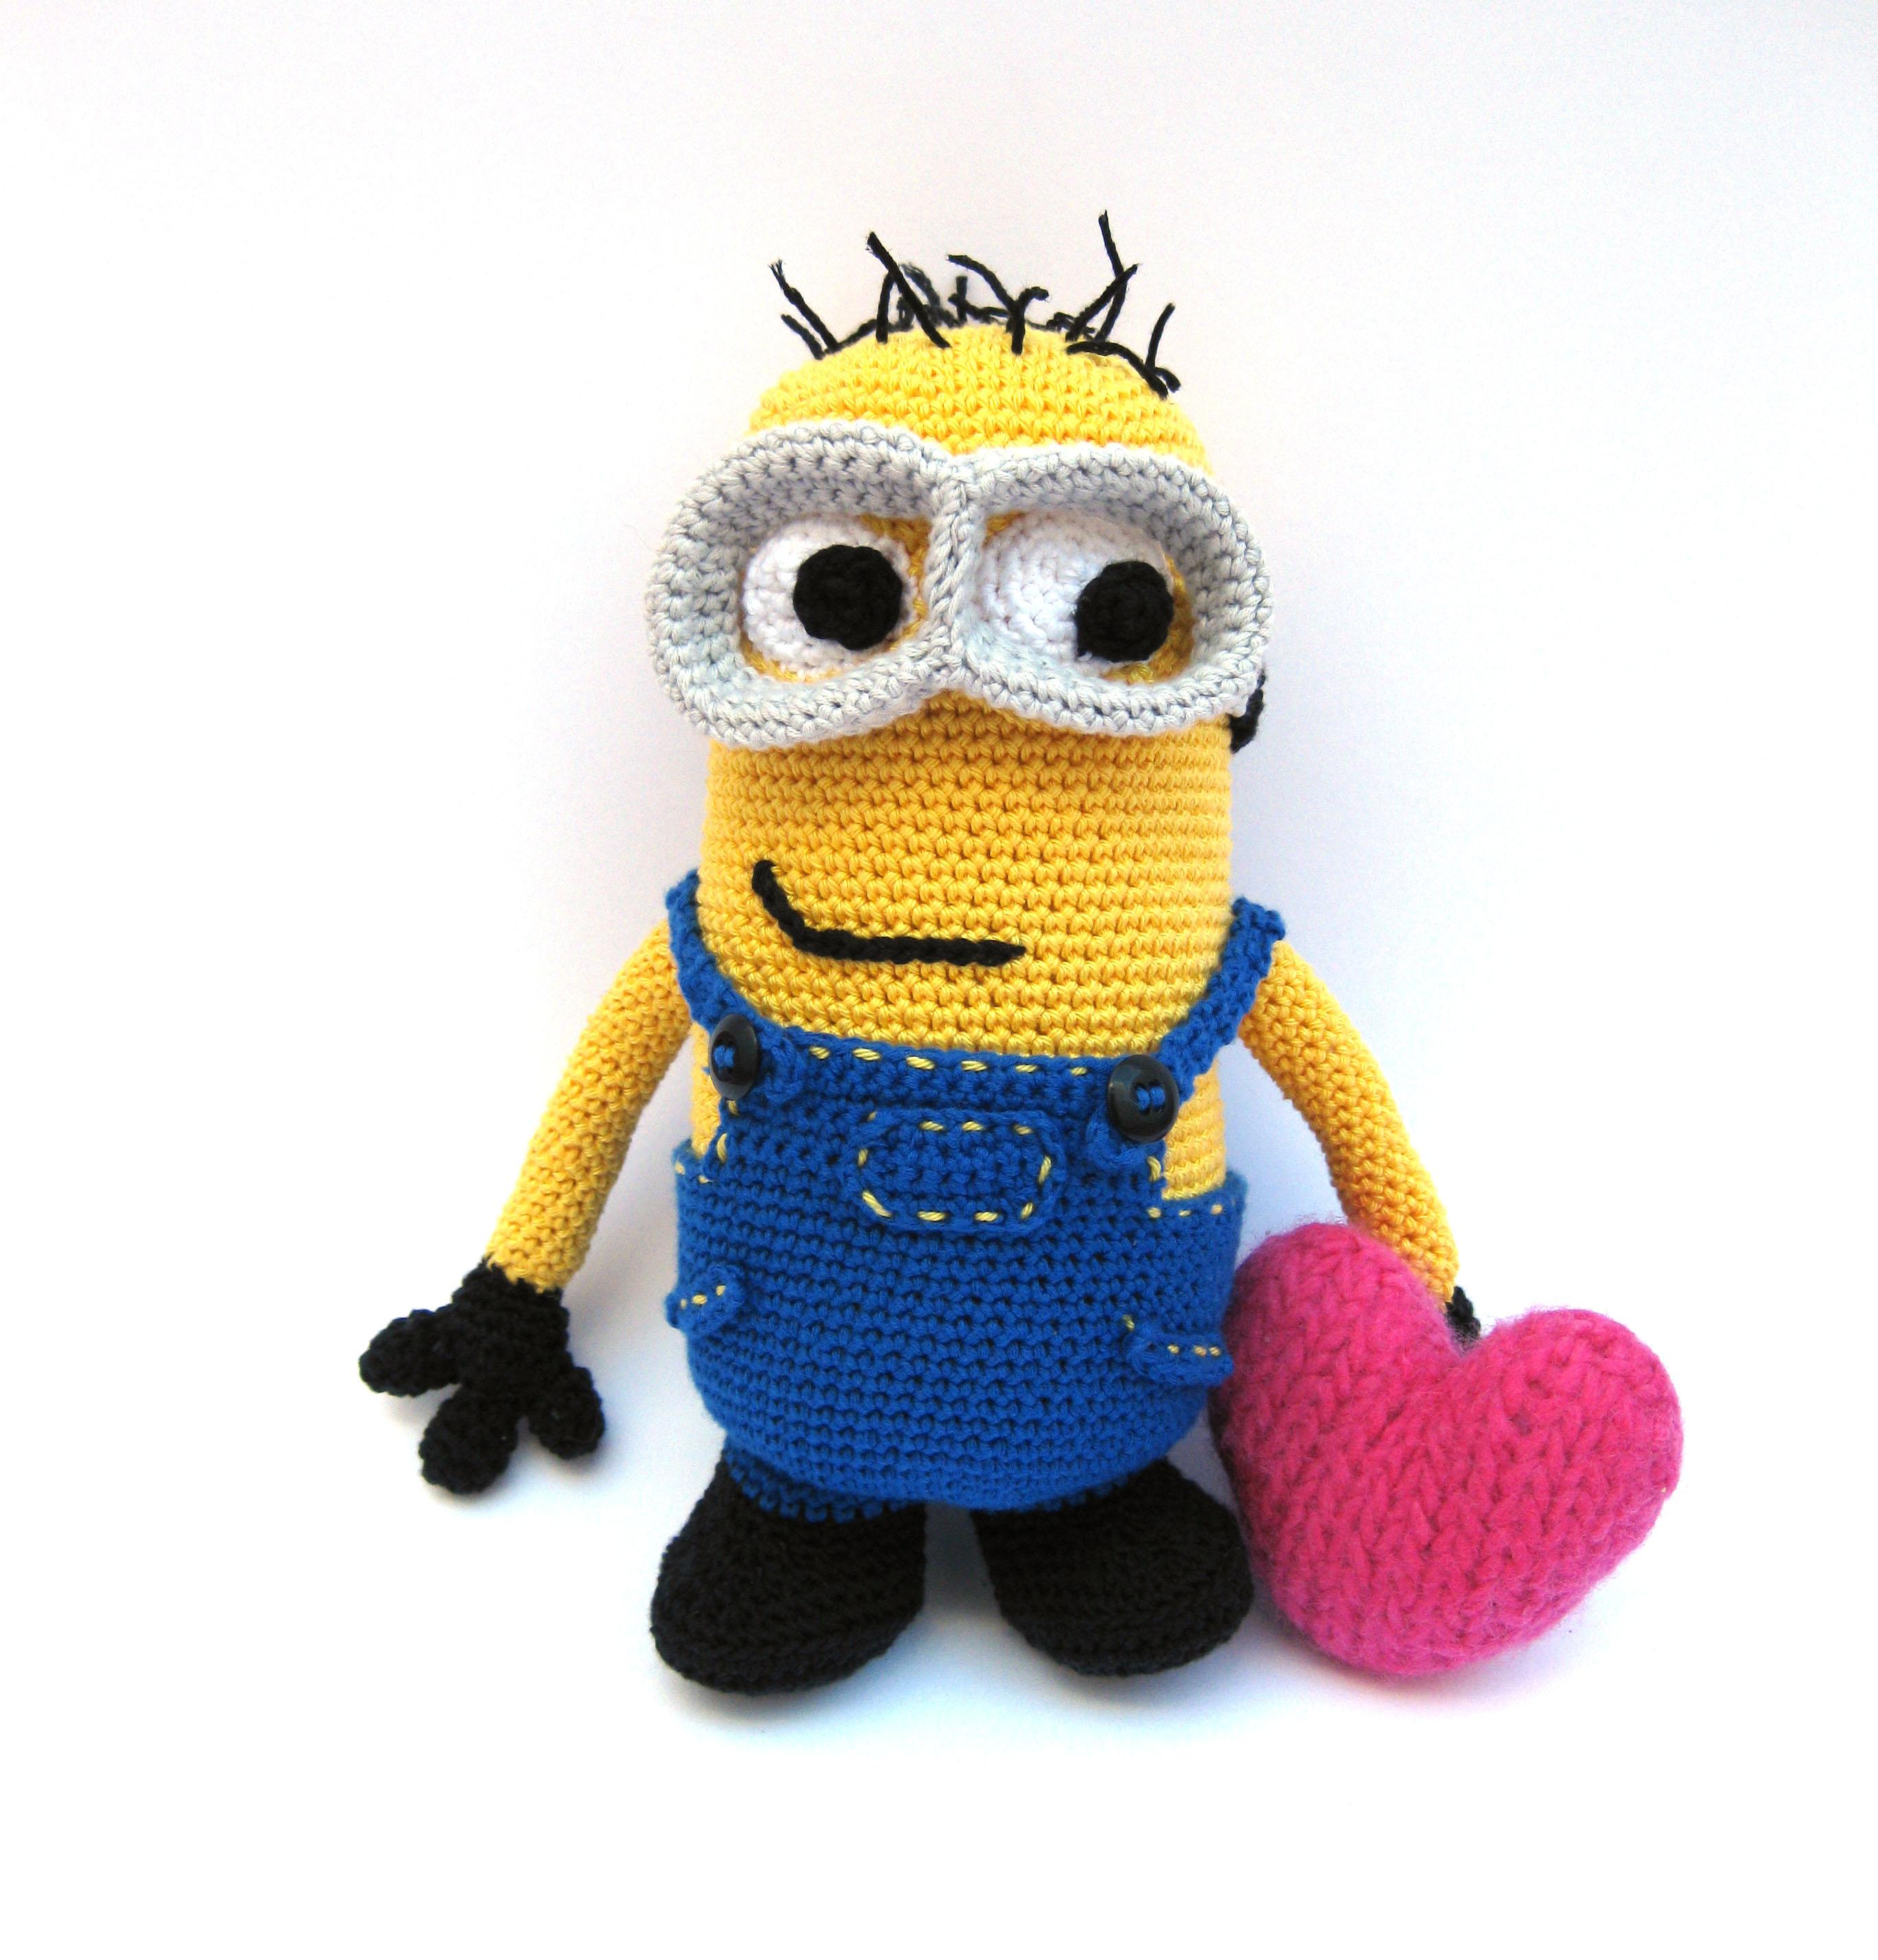 Amigurumi Minion Grande : Patron Amigurumi para tejer un Minion El Hogar de las lanas